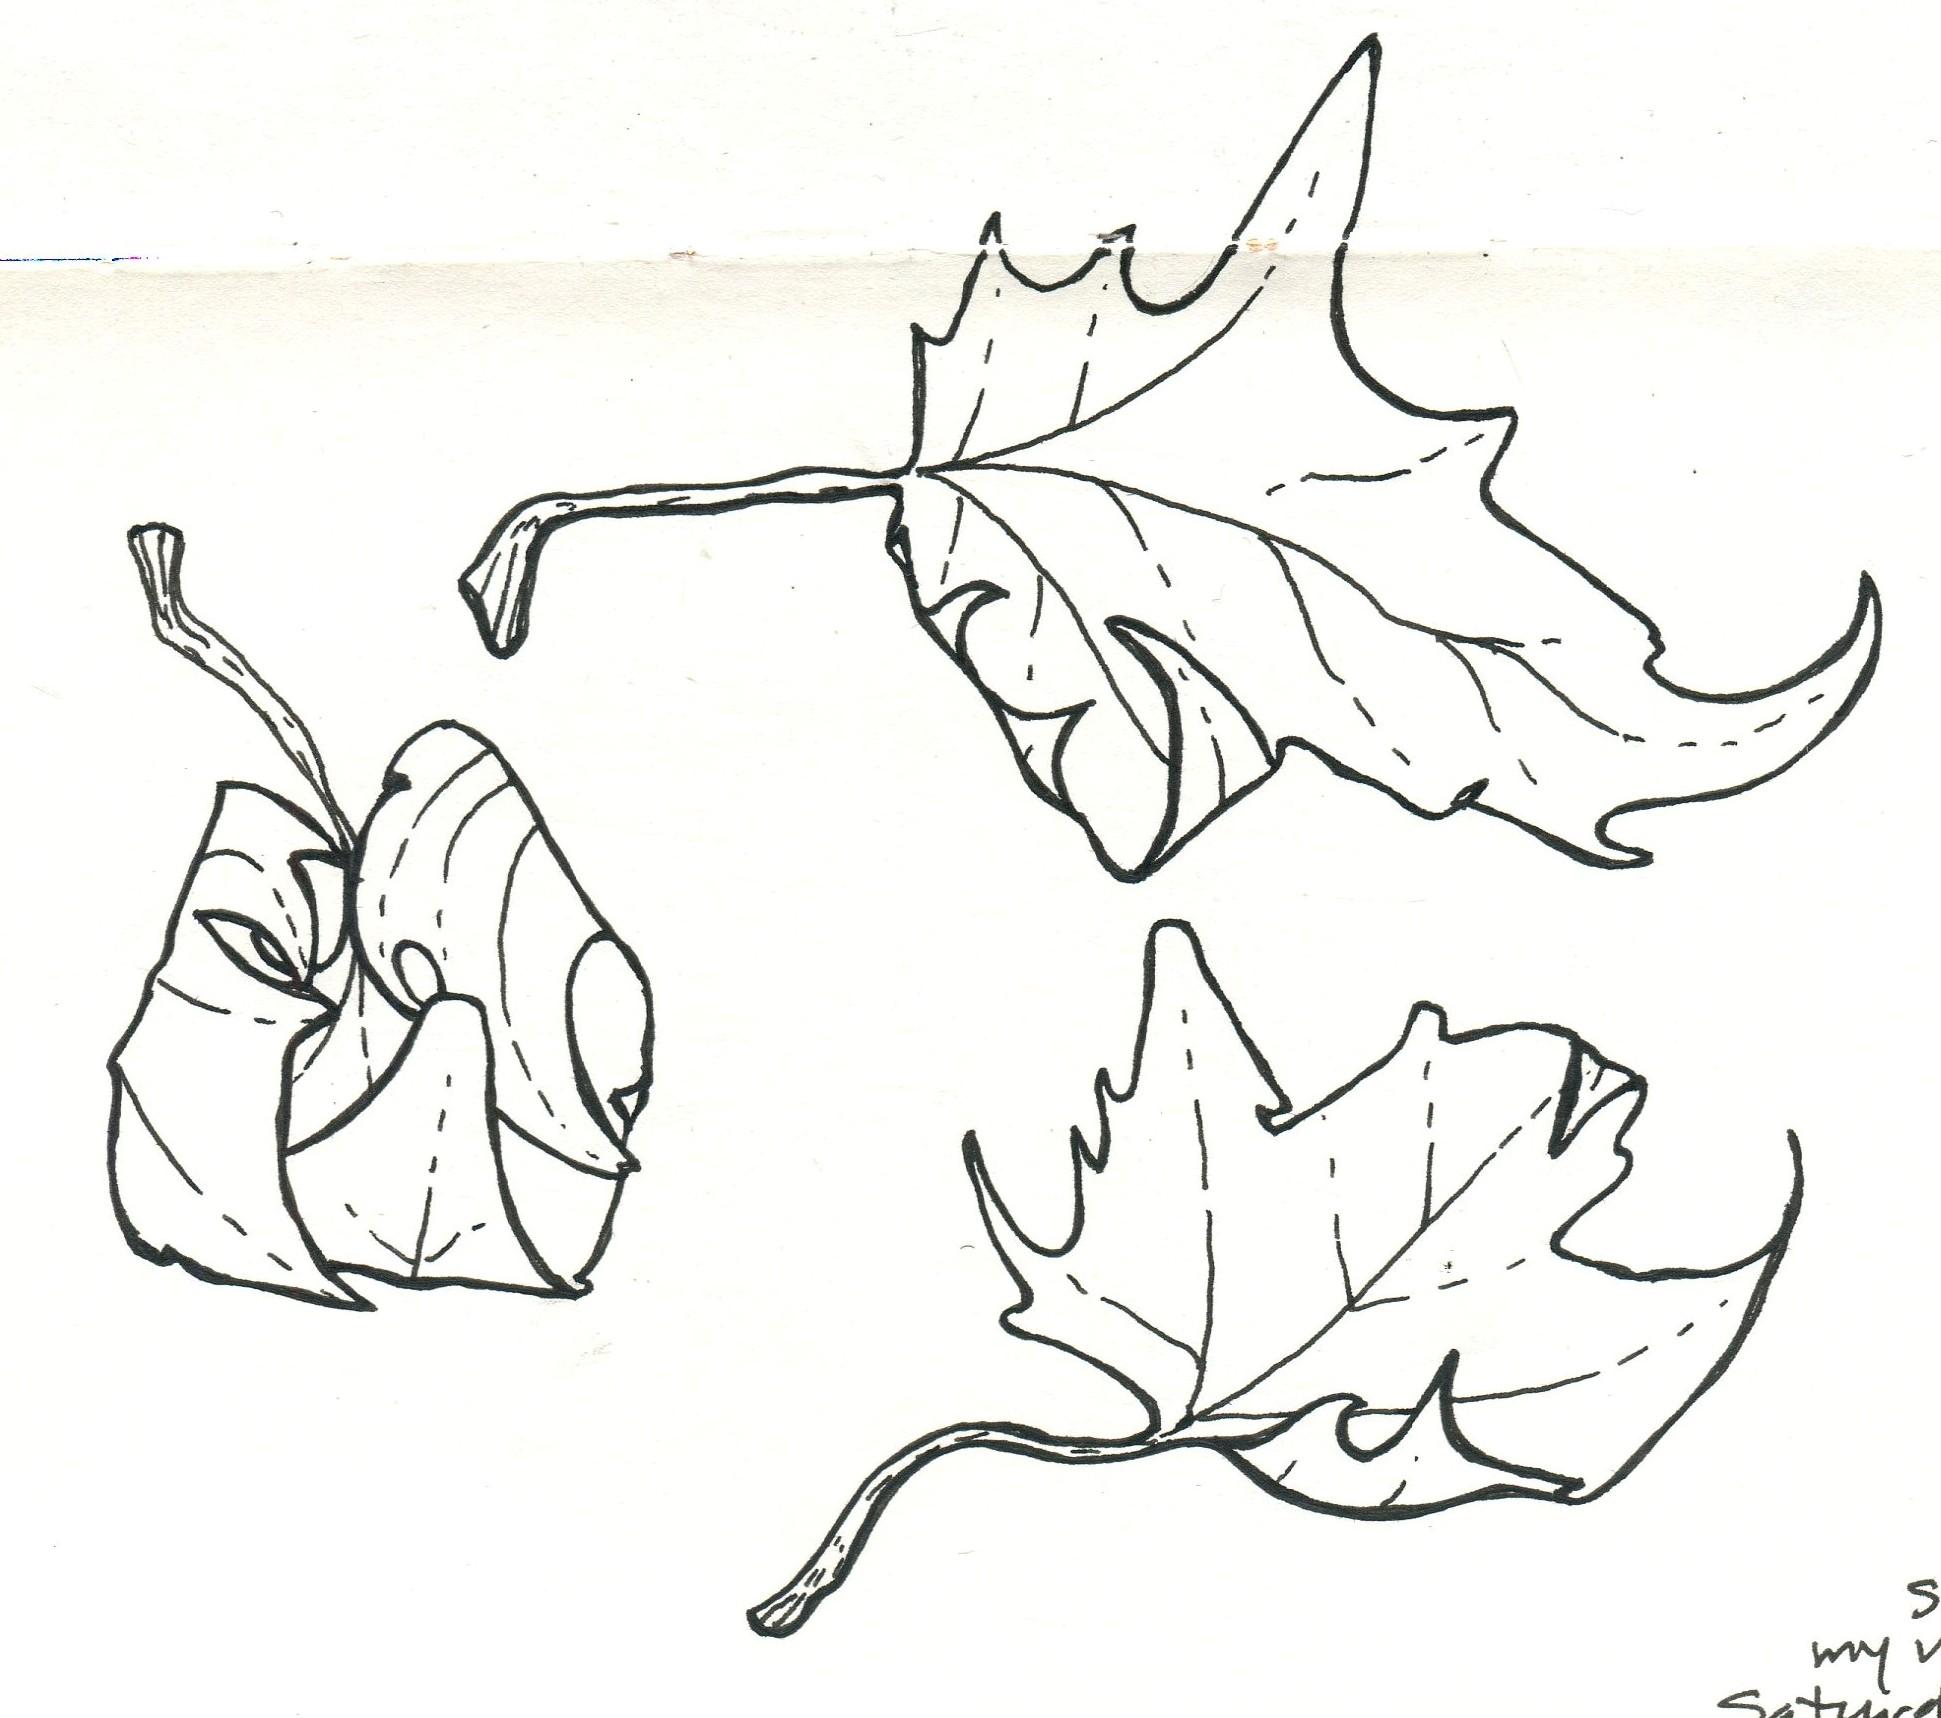 Leaves_b&w.jpg